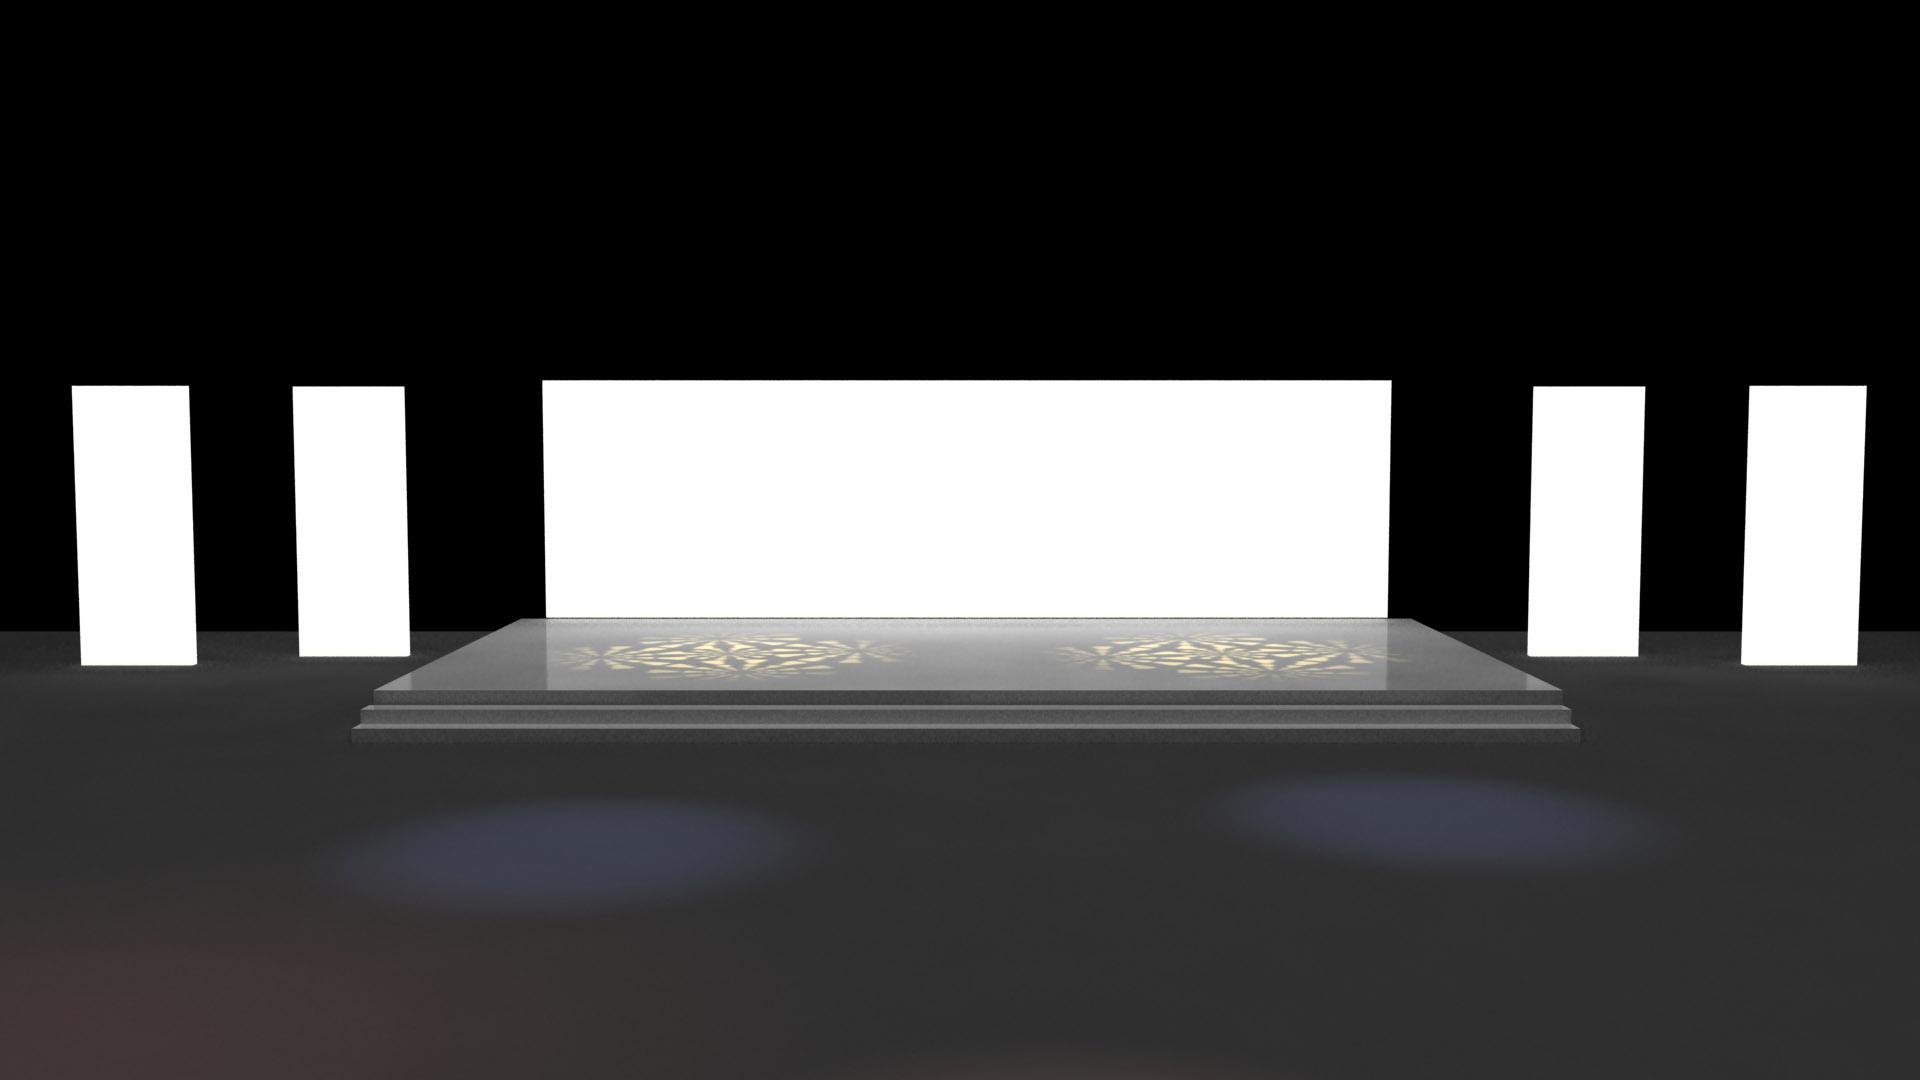 重庆优质舞台设计服务诚信企业,舞台设计服务